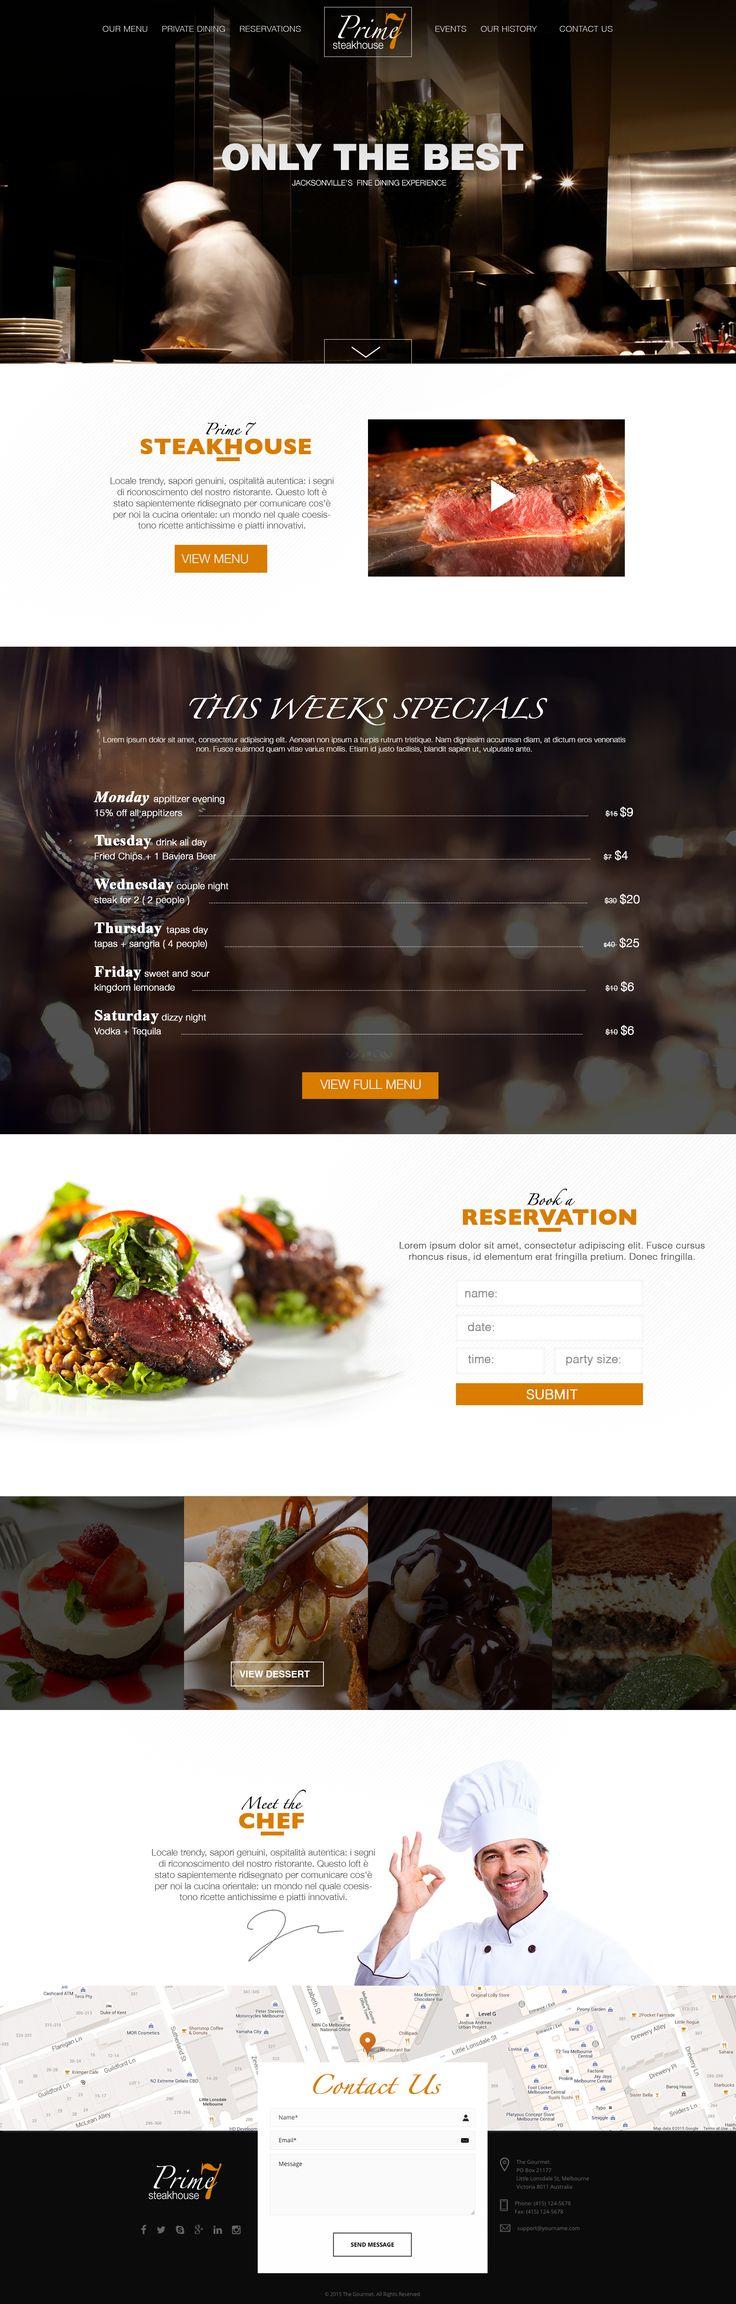 Design Concept for restaurant website design.